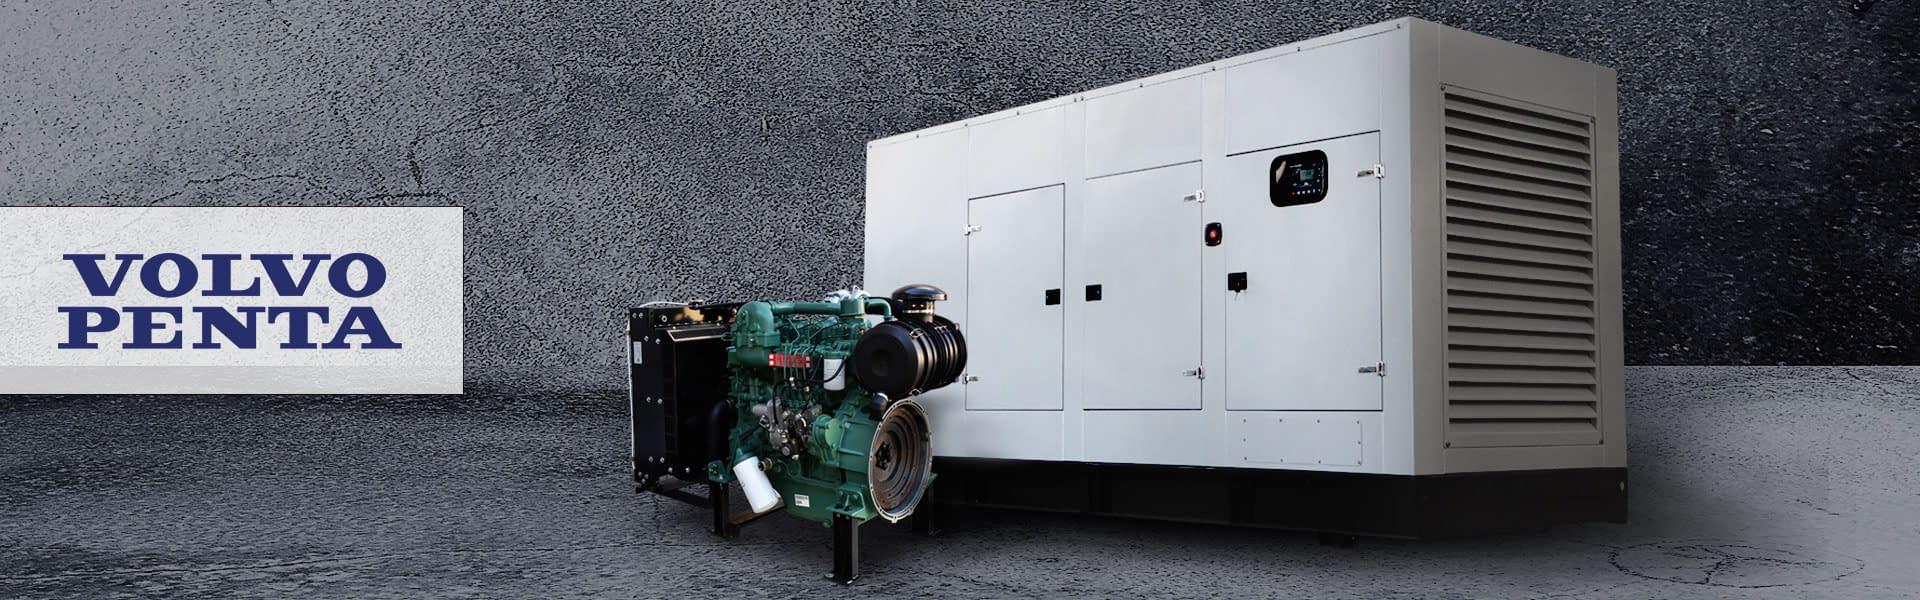 Volvo Diesel Generator for Sale | Volvo Penta Generator South Africa | Generator King